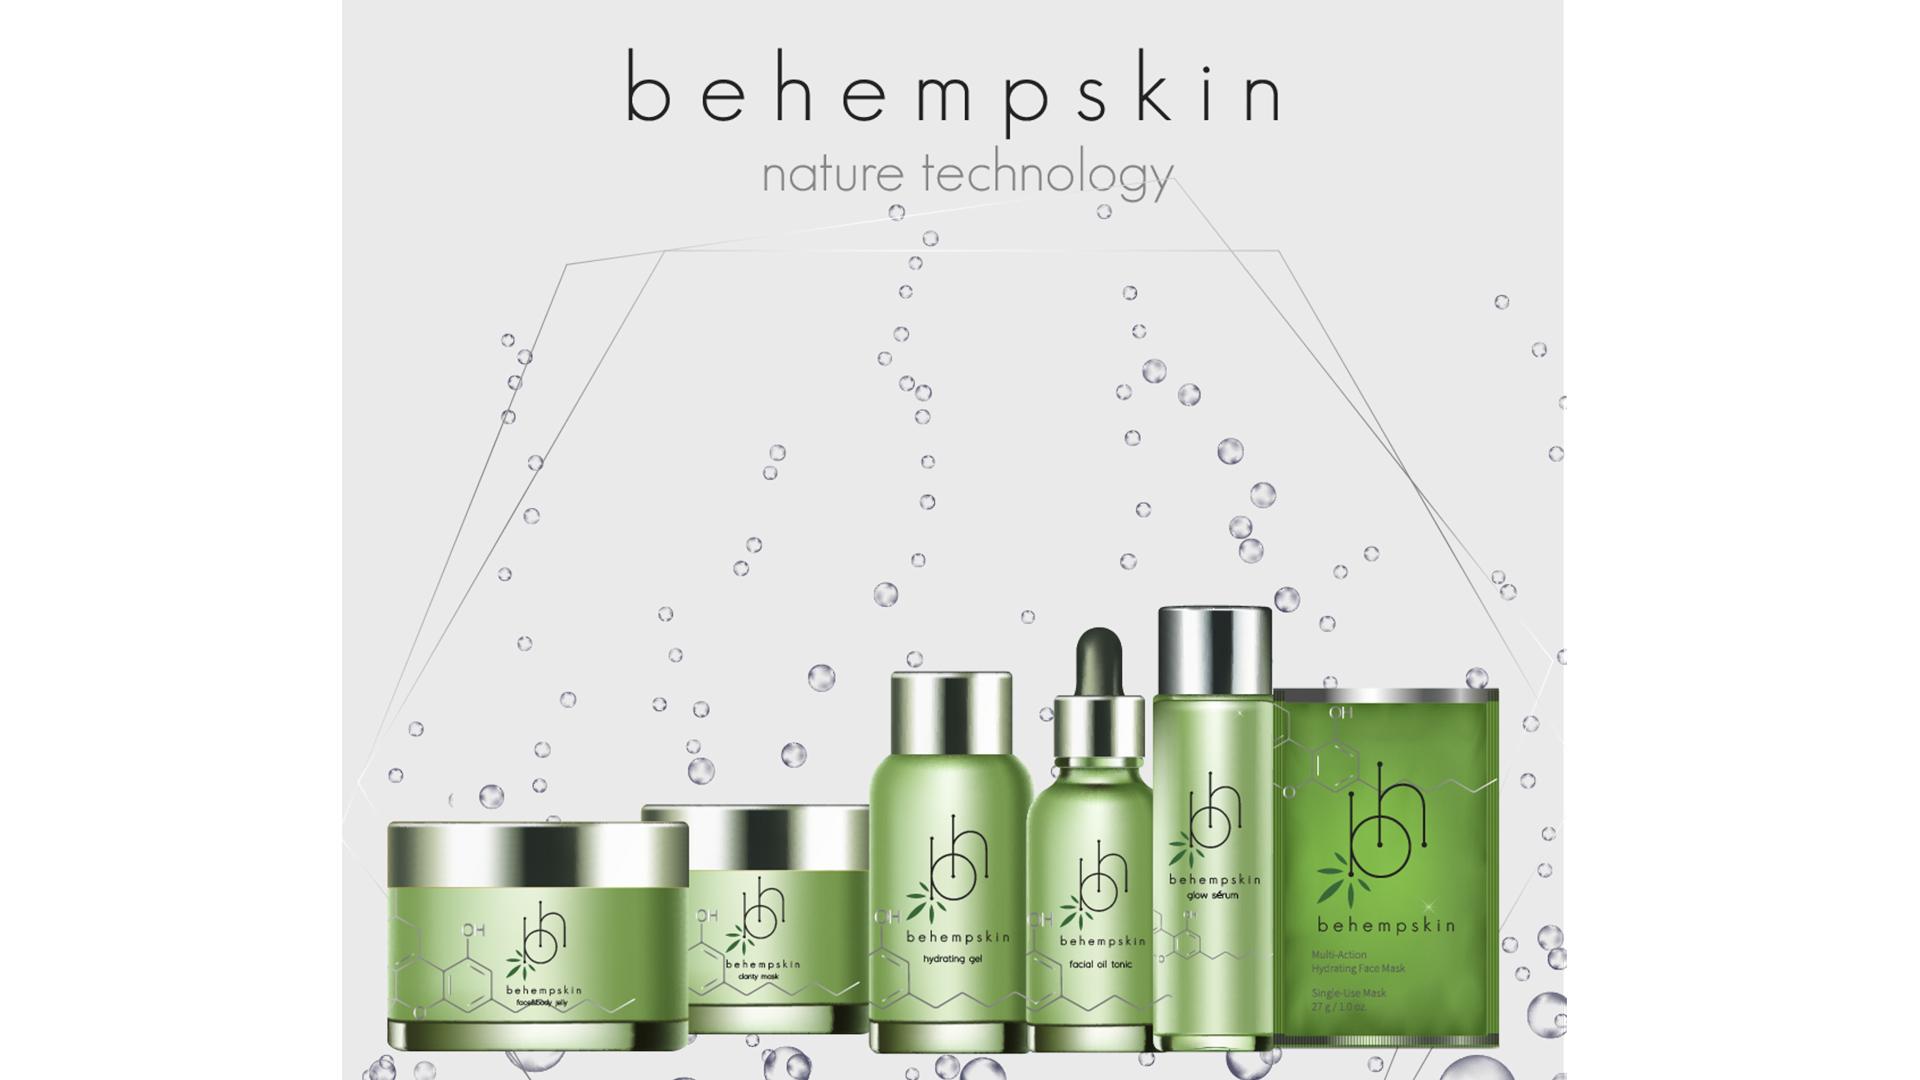 Linha de cosméticos BeHemp Skin é produzida a partir de derivados da cannabis, item com grande potencial para retardar o envelhecimento.